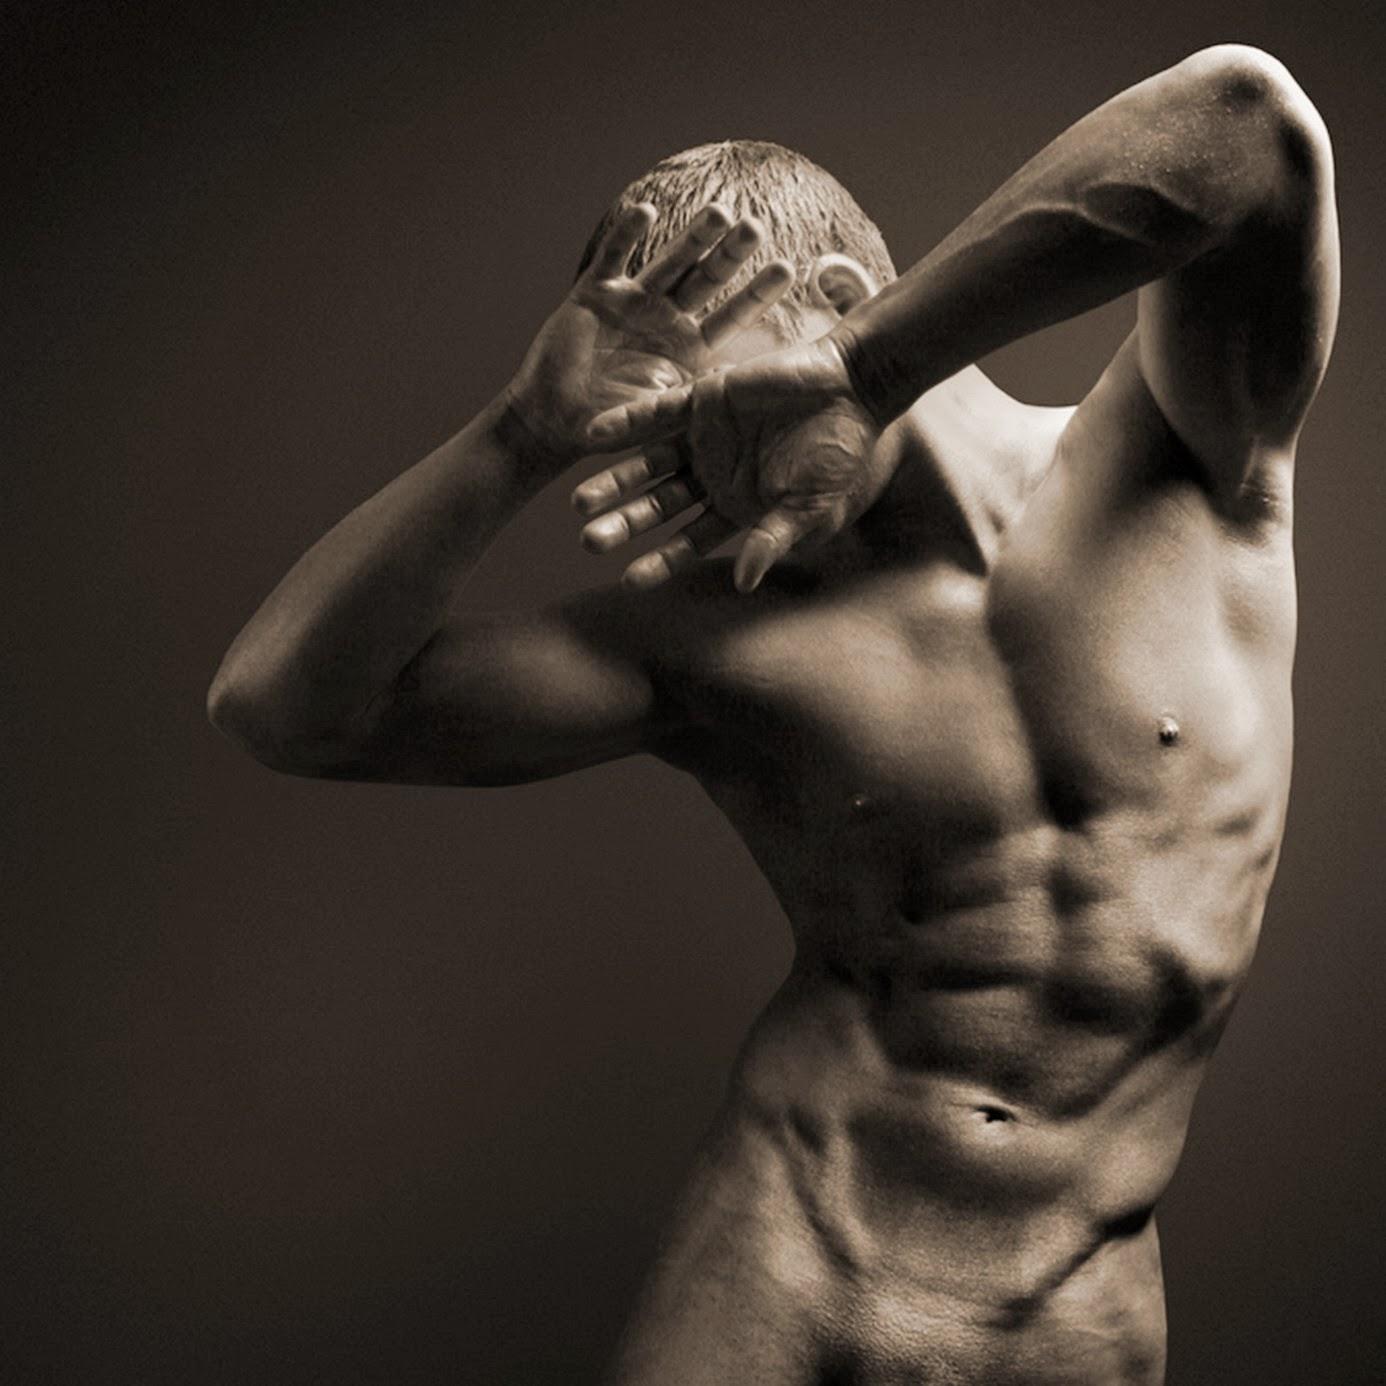 Modelo de hombres desnudos en clase de arte